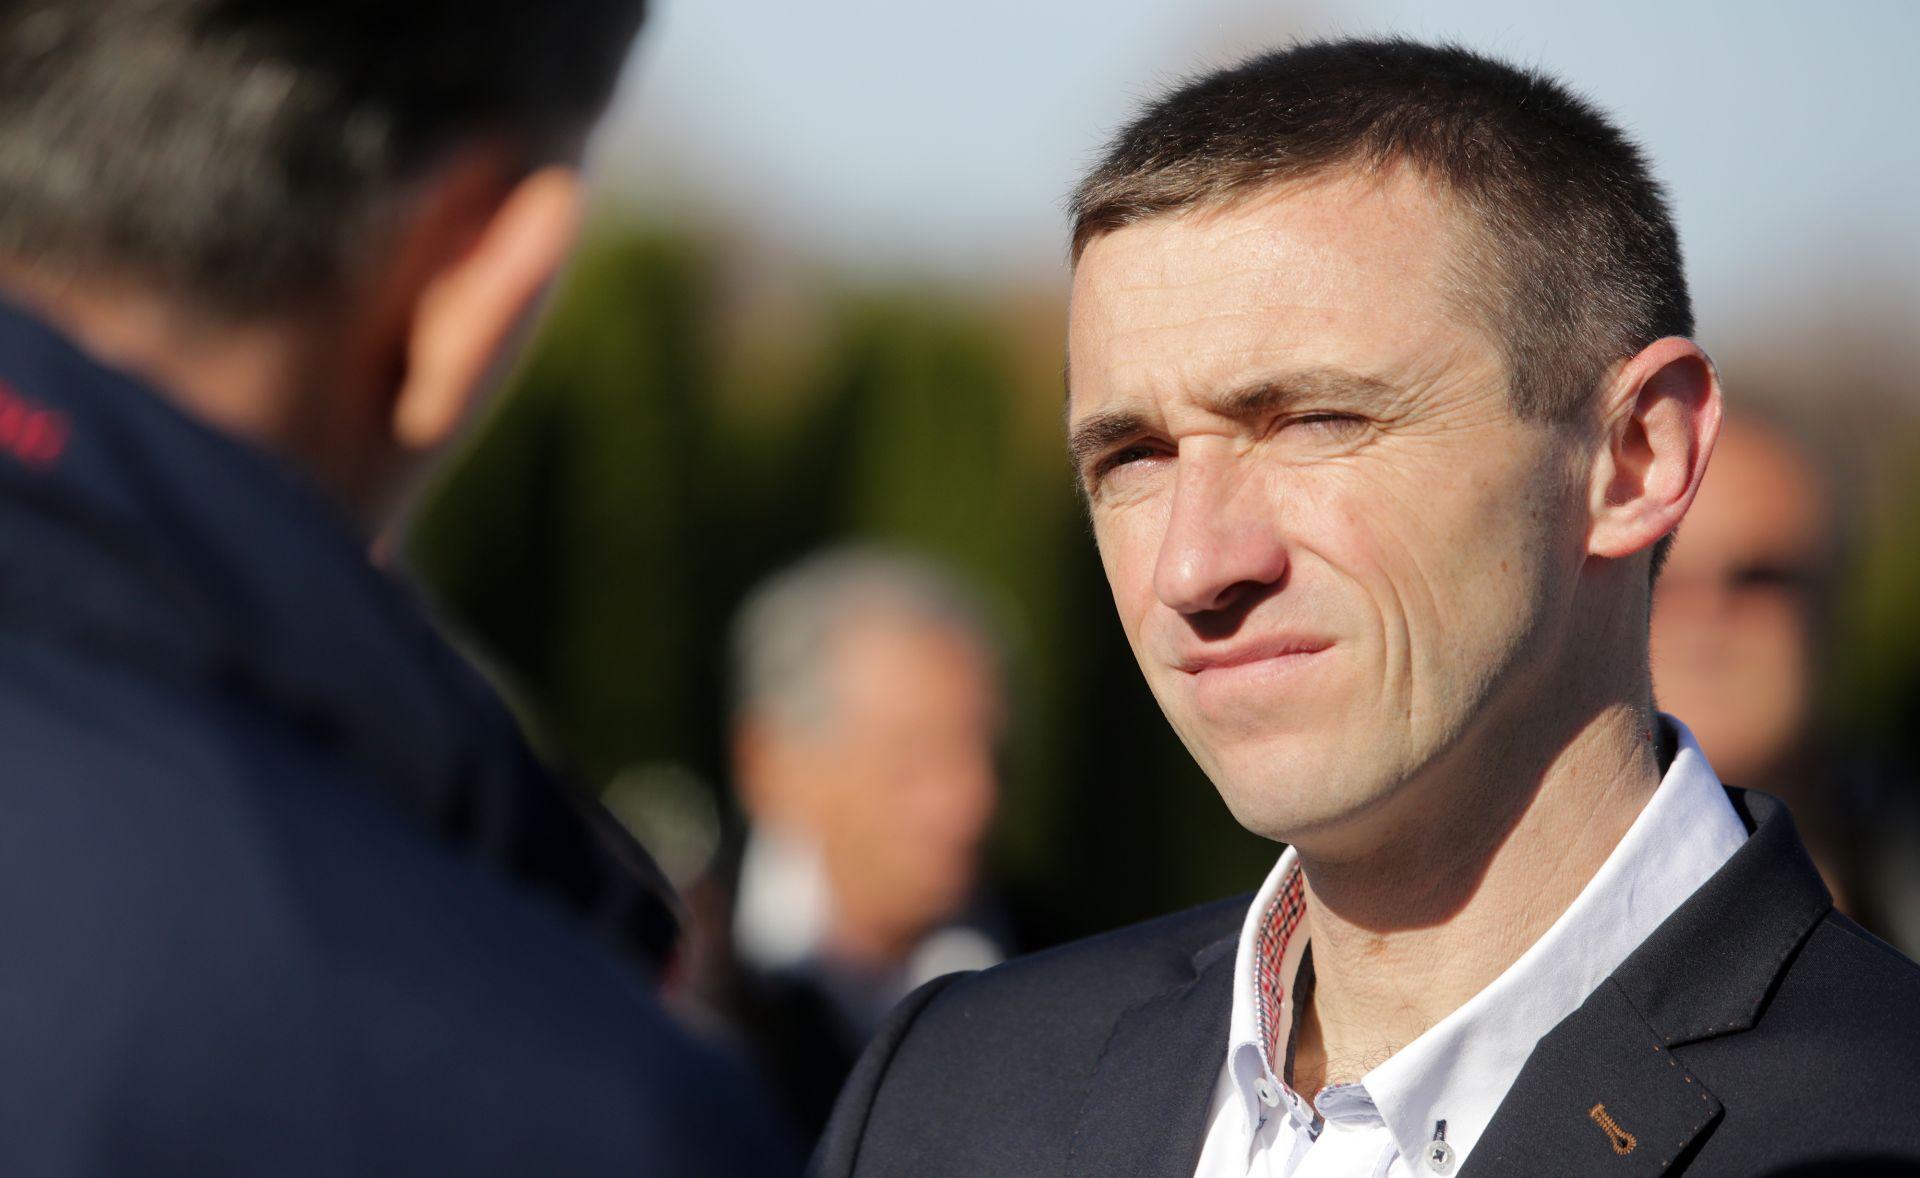 Penava: Odluka Bauka je na tragu cjelokupnog odnosa Milanovićeve Vlade prema Vukovaru